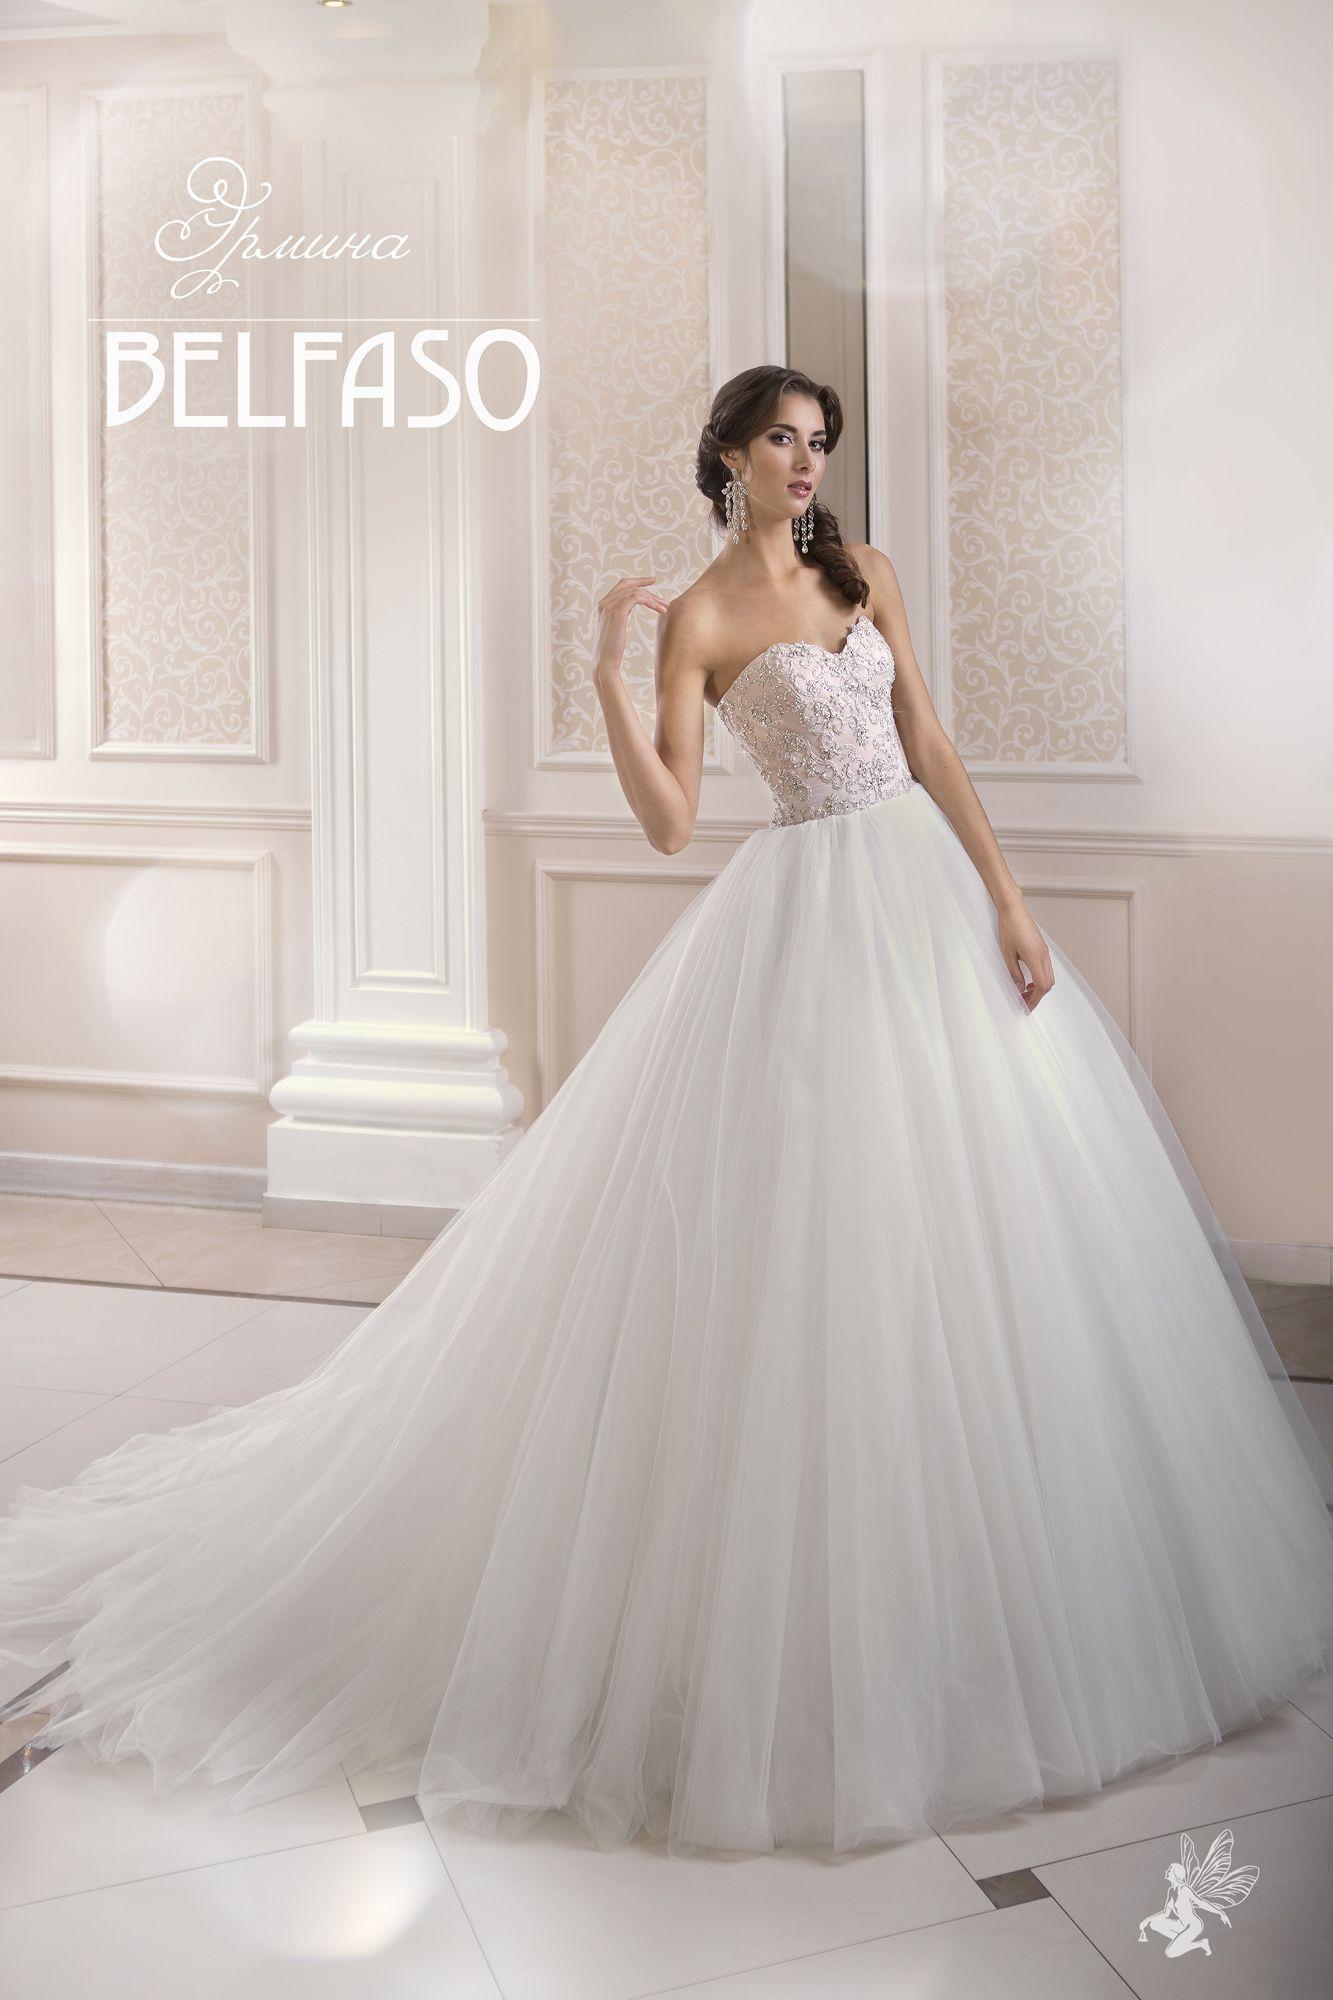 купить свадебное платье в нижнем новгороде недорого